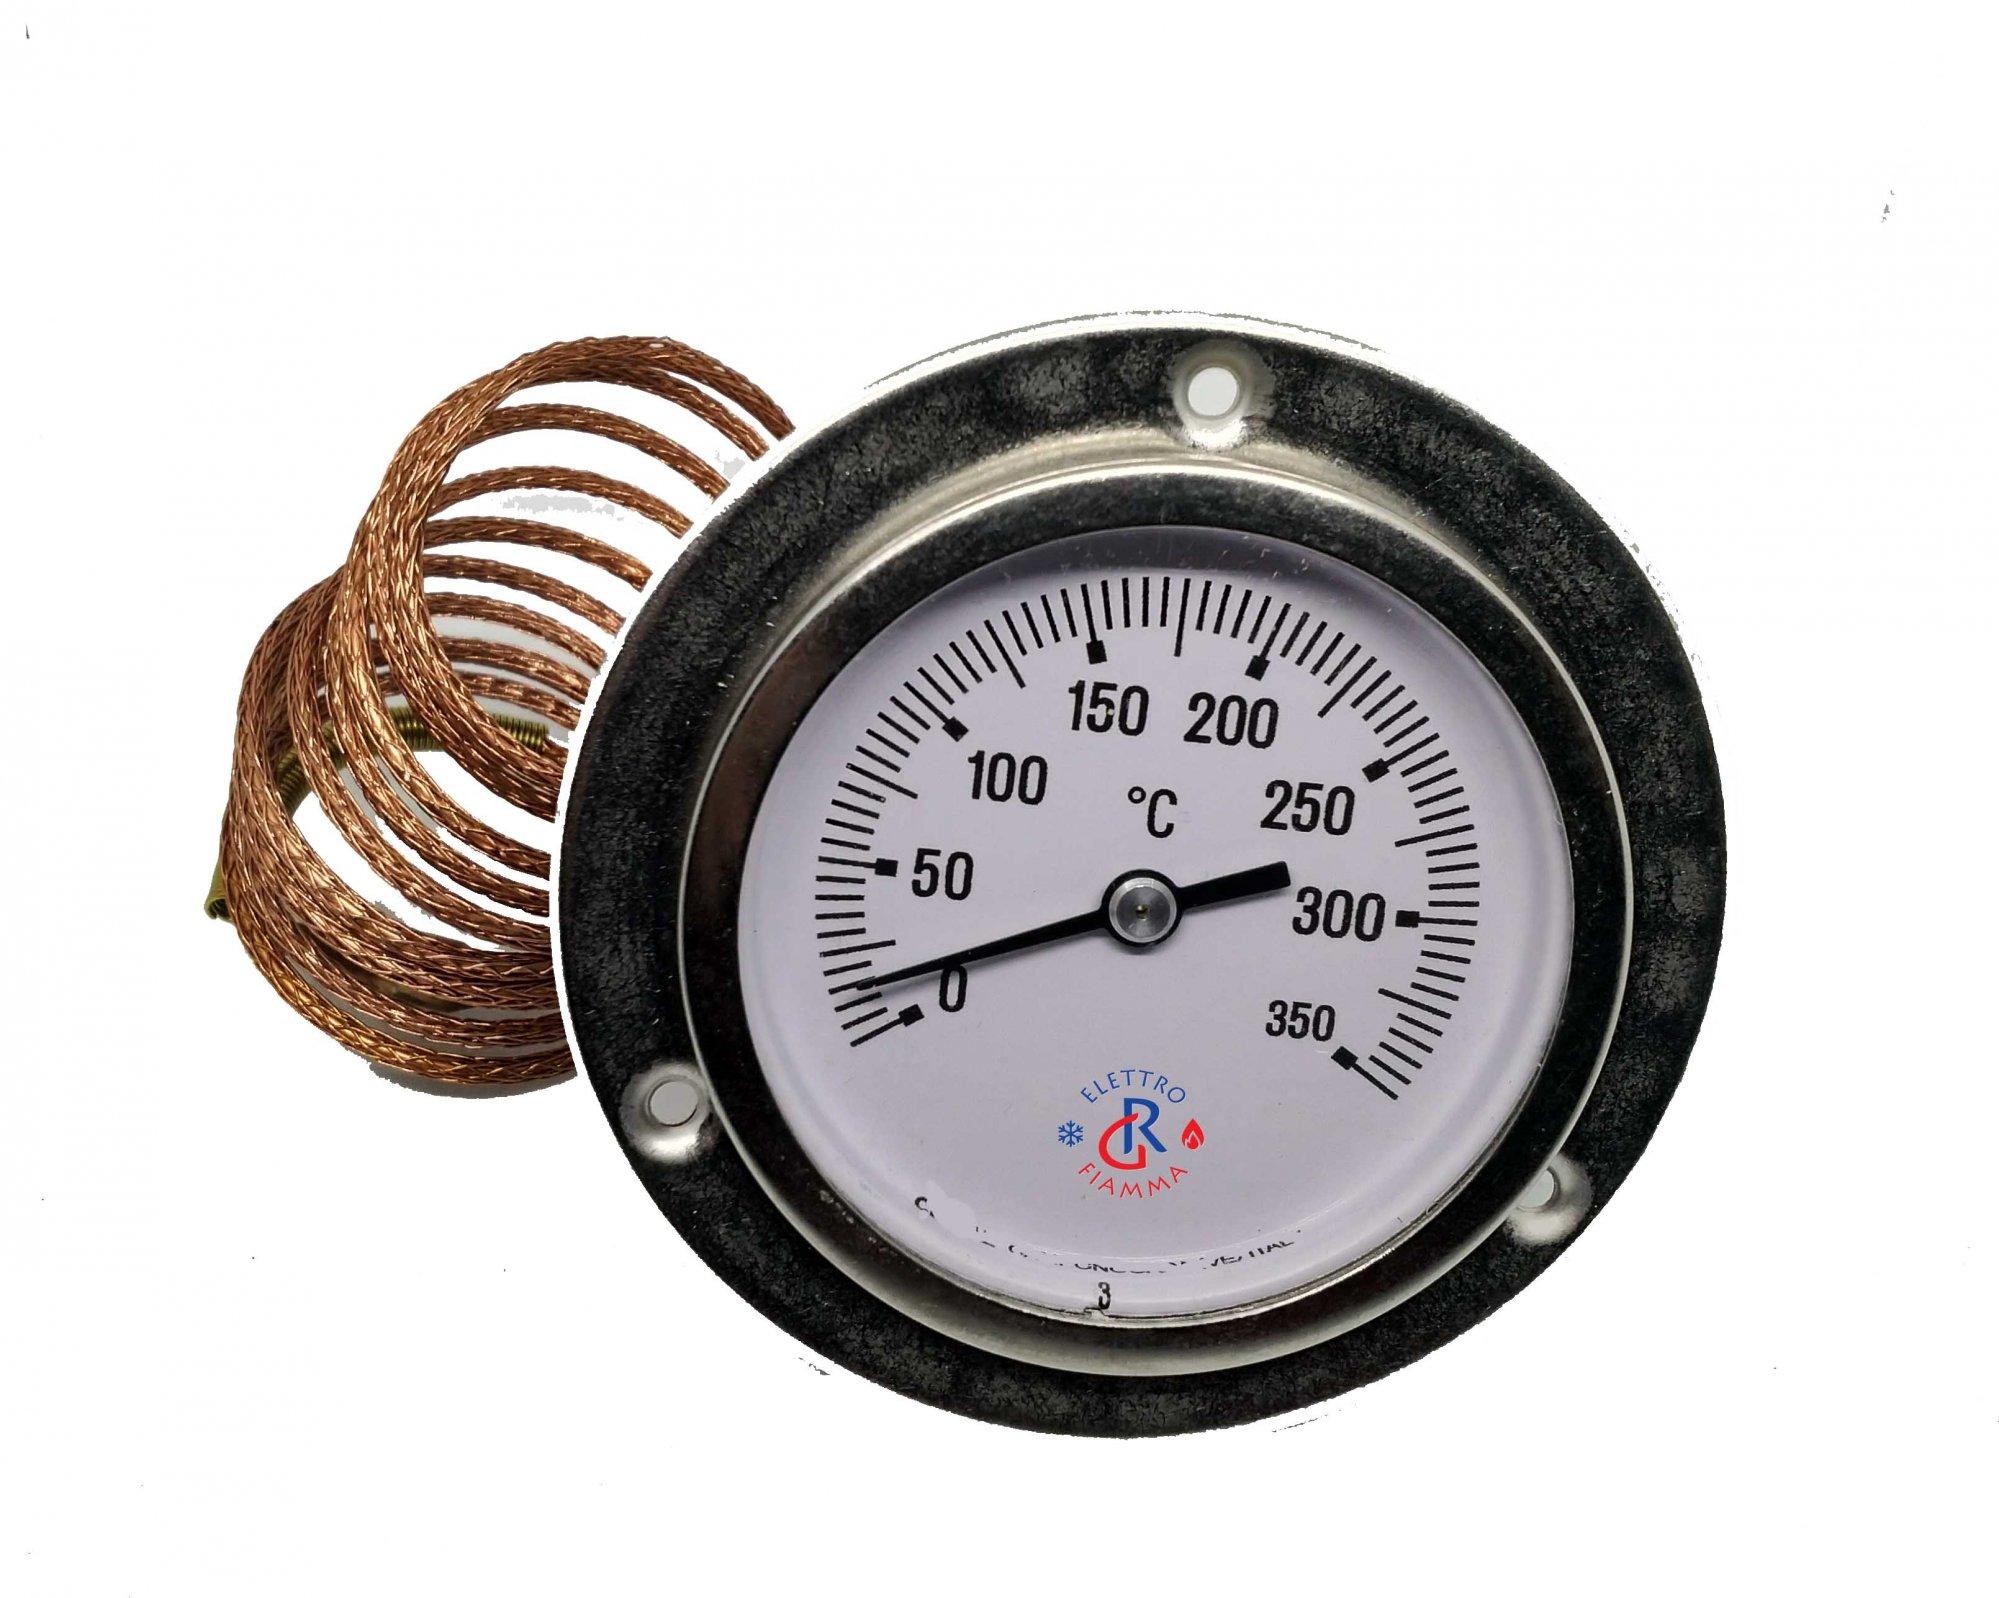 Termometro Forno A Legna – A tutti i forni edil planet è applicato un pirometro che indica la temperatura nella camera di combustione, consentendone il.